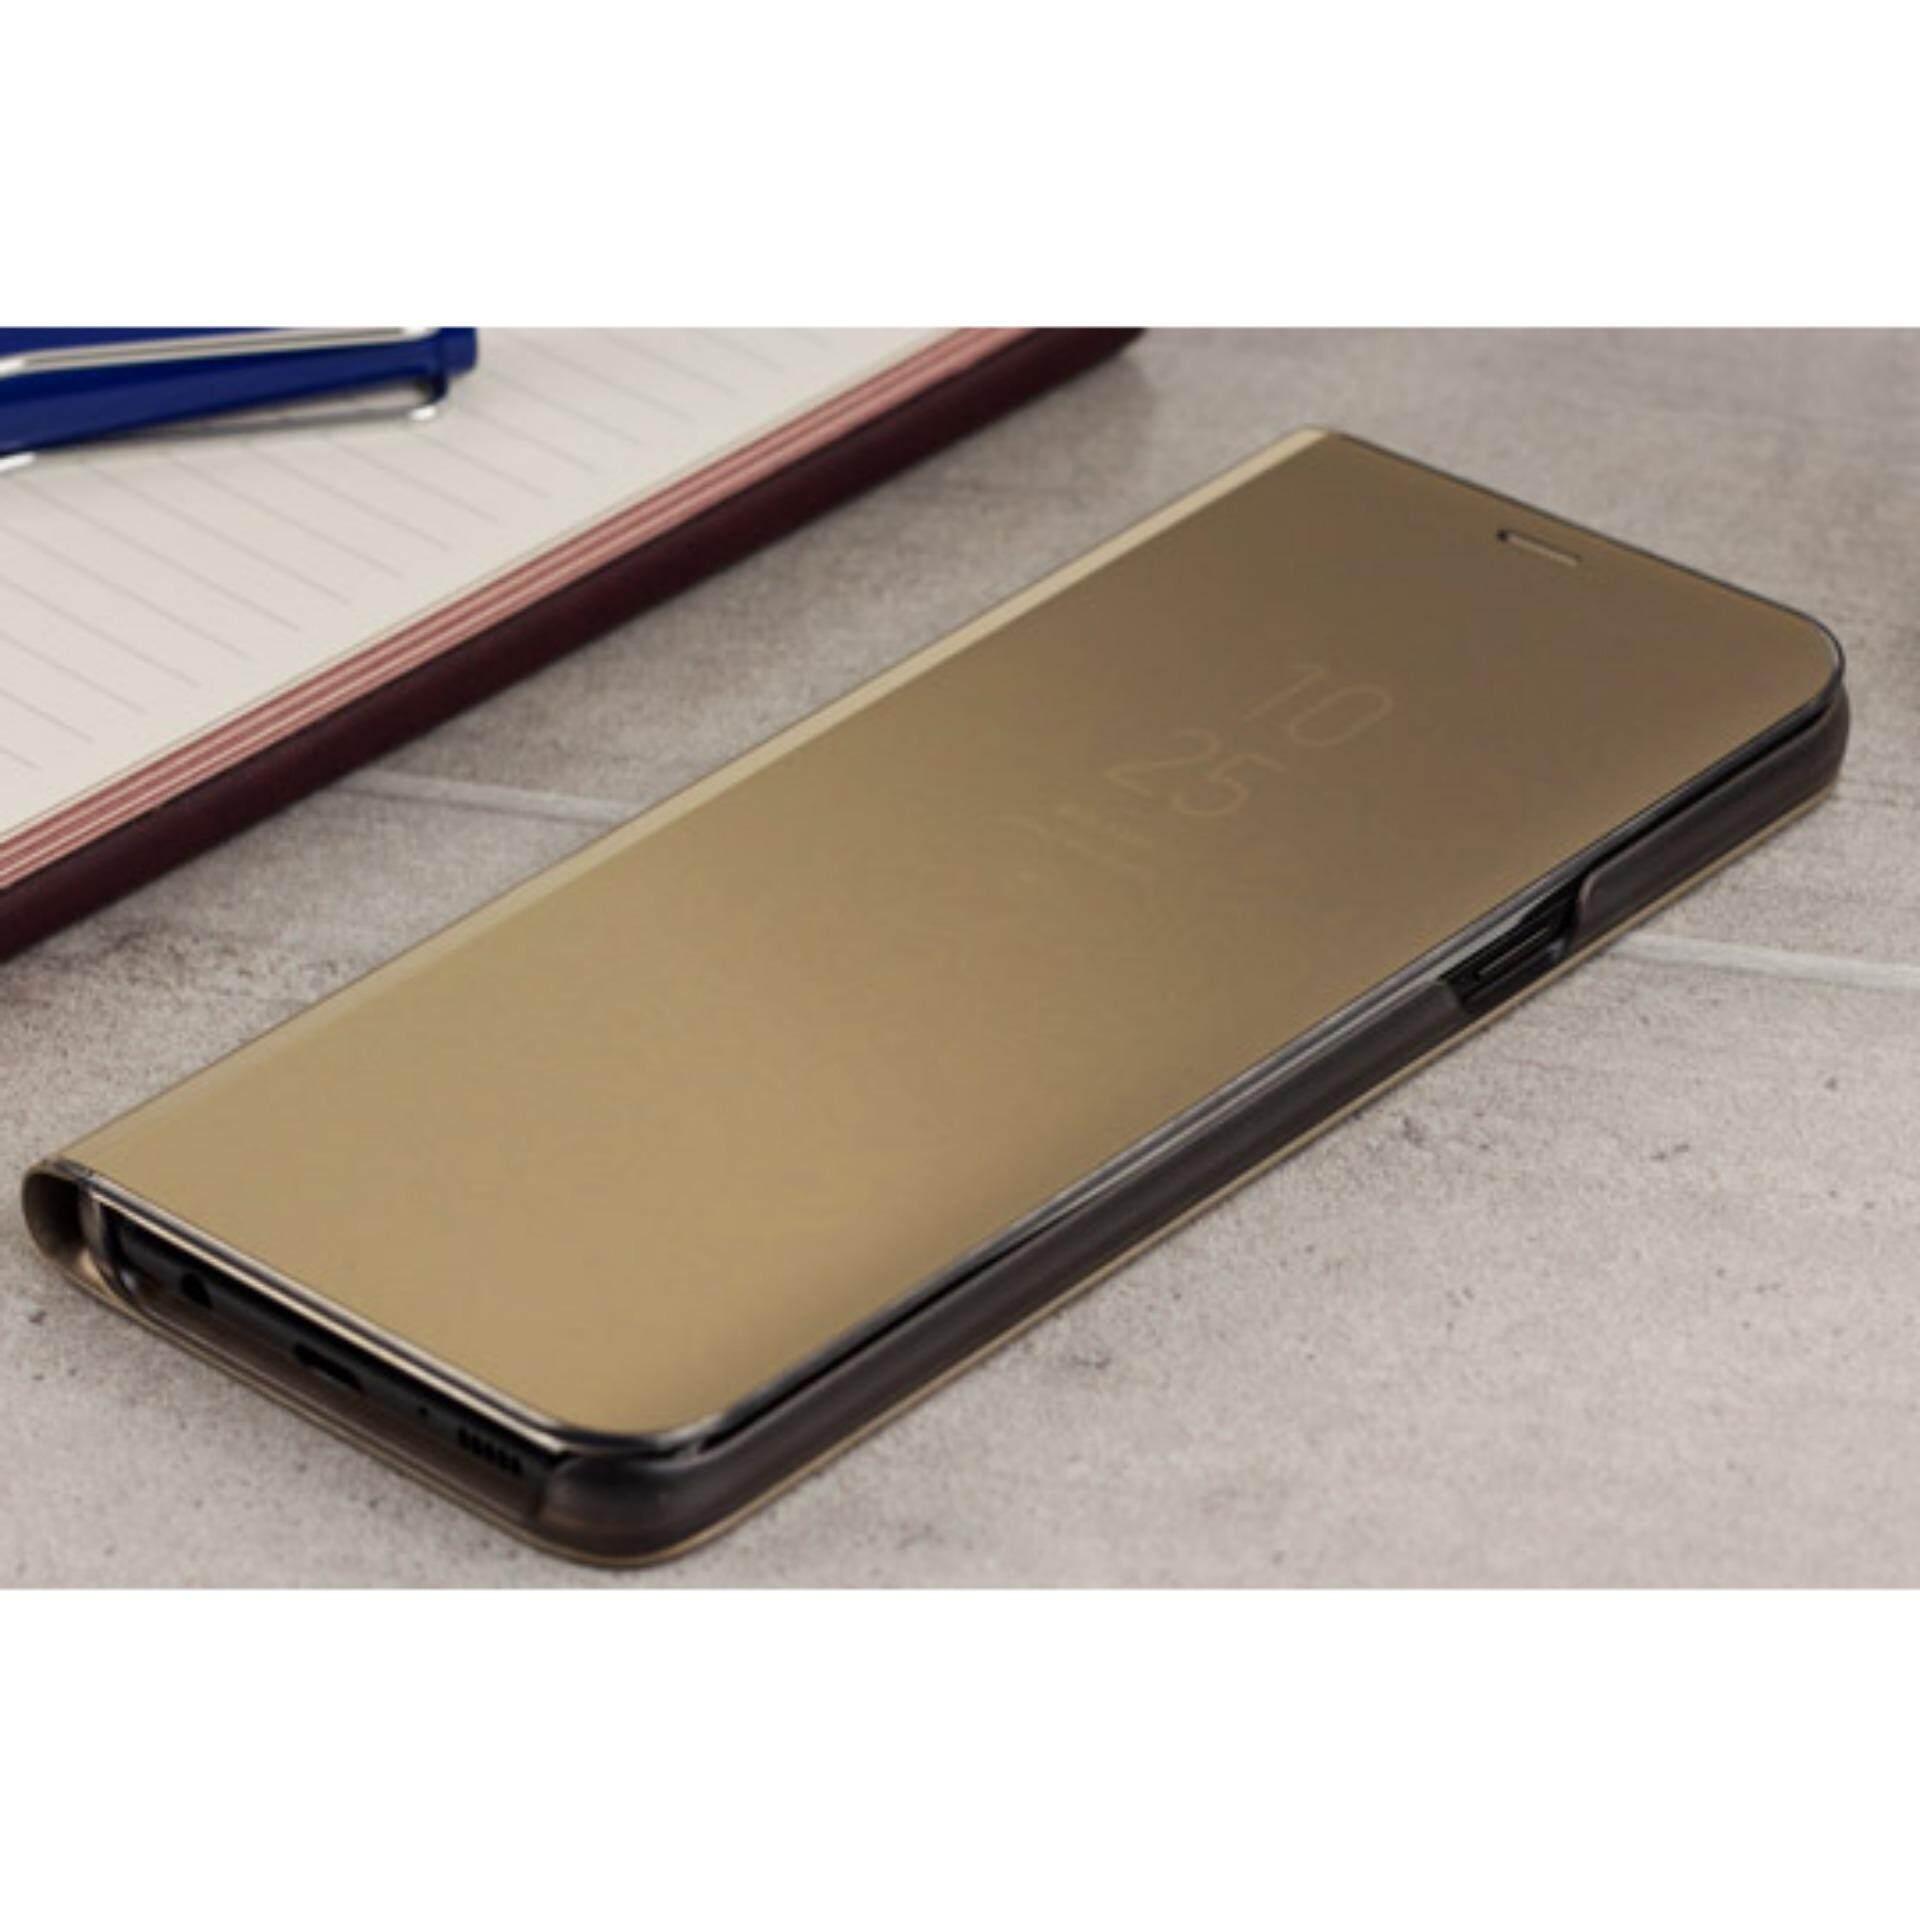 ขาย เคสฝาพับ กระจกซัมซุง โน้ต 5 Clear View Standing Cover Samsung Galaxy Note 5 สีทอง Unbranded Generic ถูก